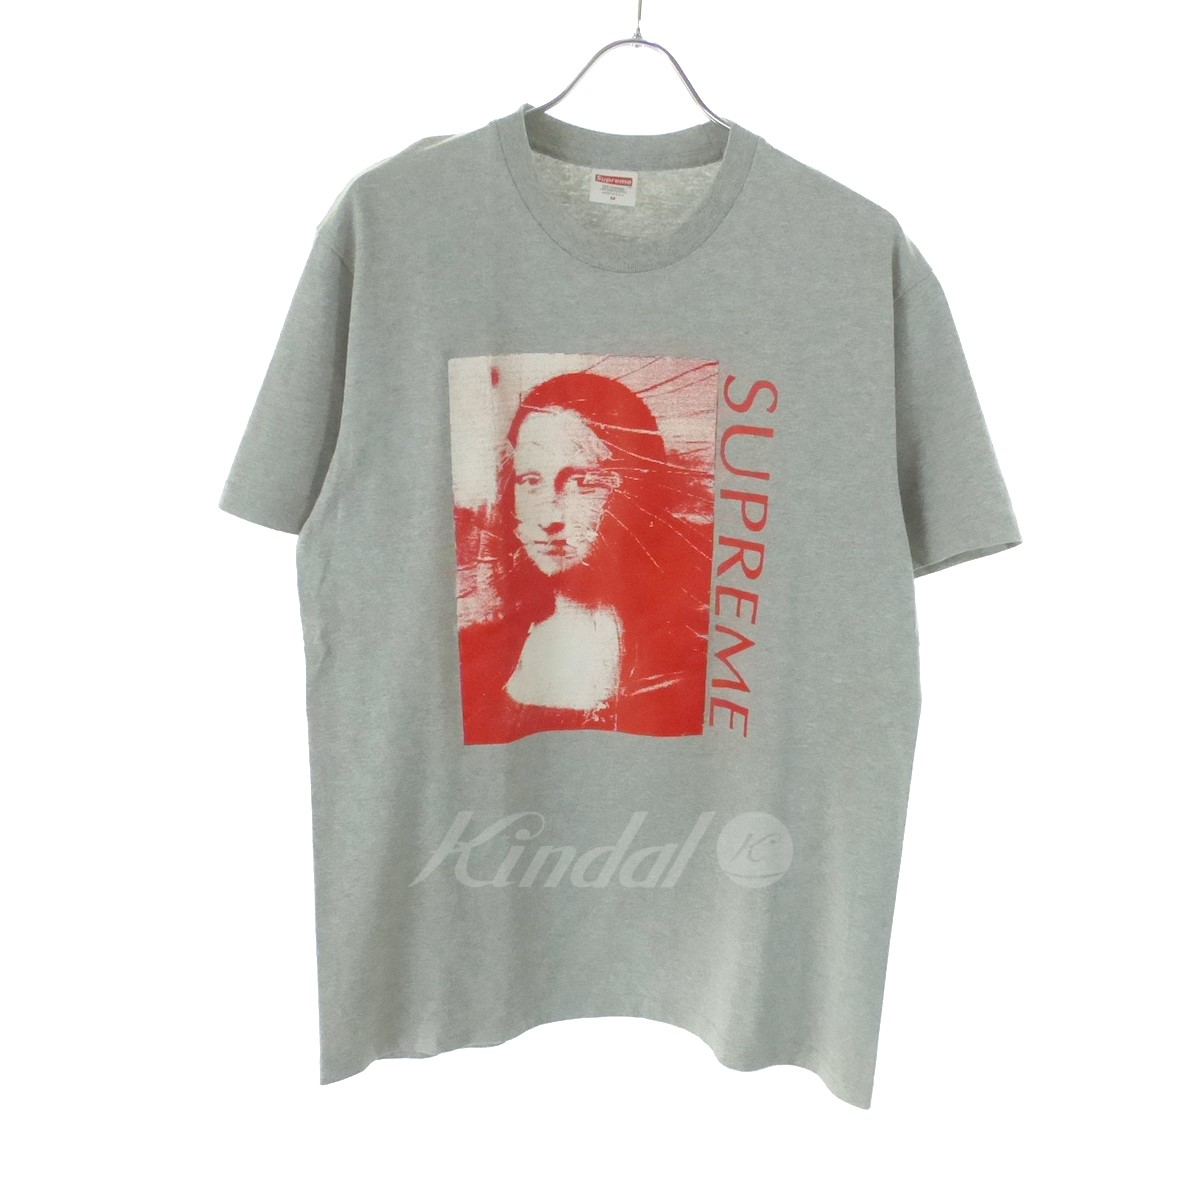 【中古】SUPREME Mona Lisa Tee 18SS グレー サイズ:M 【送料無料】 【040119】(シュプリーム)